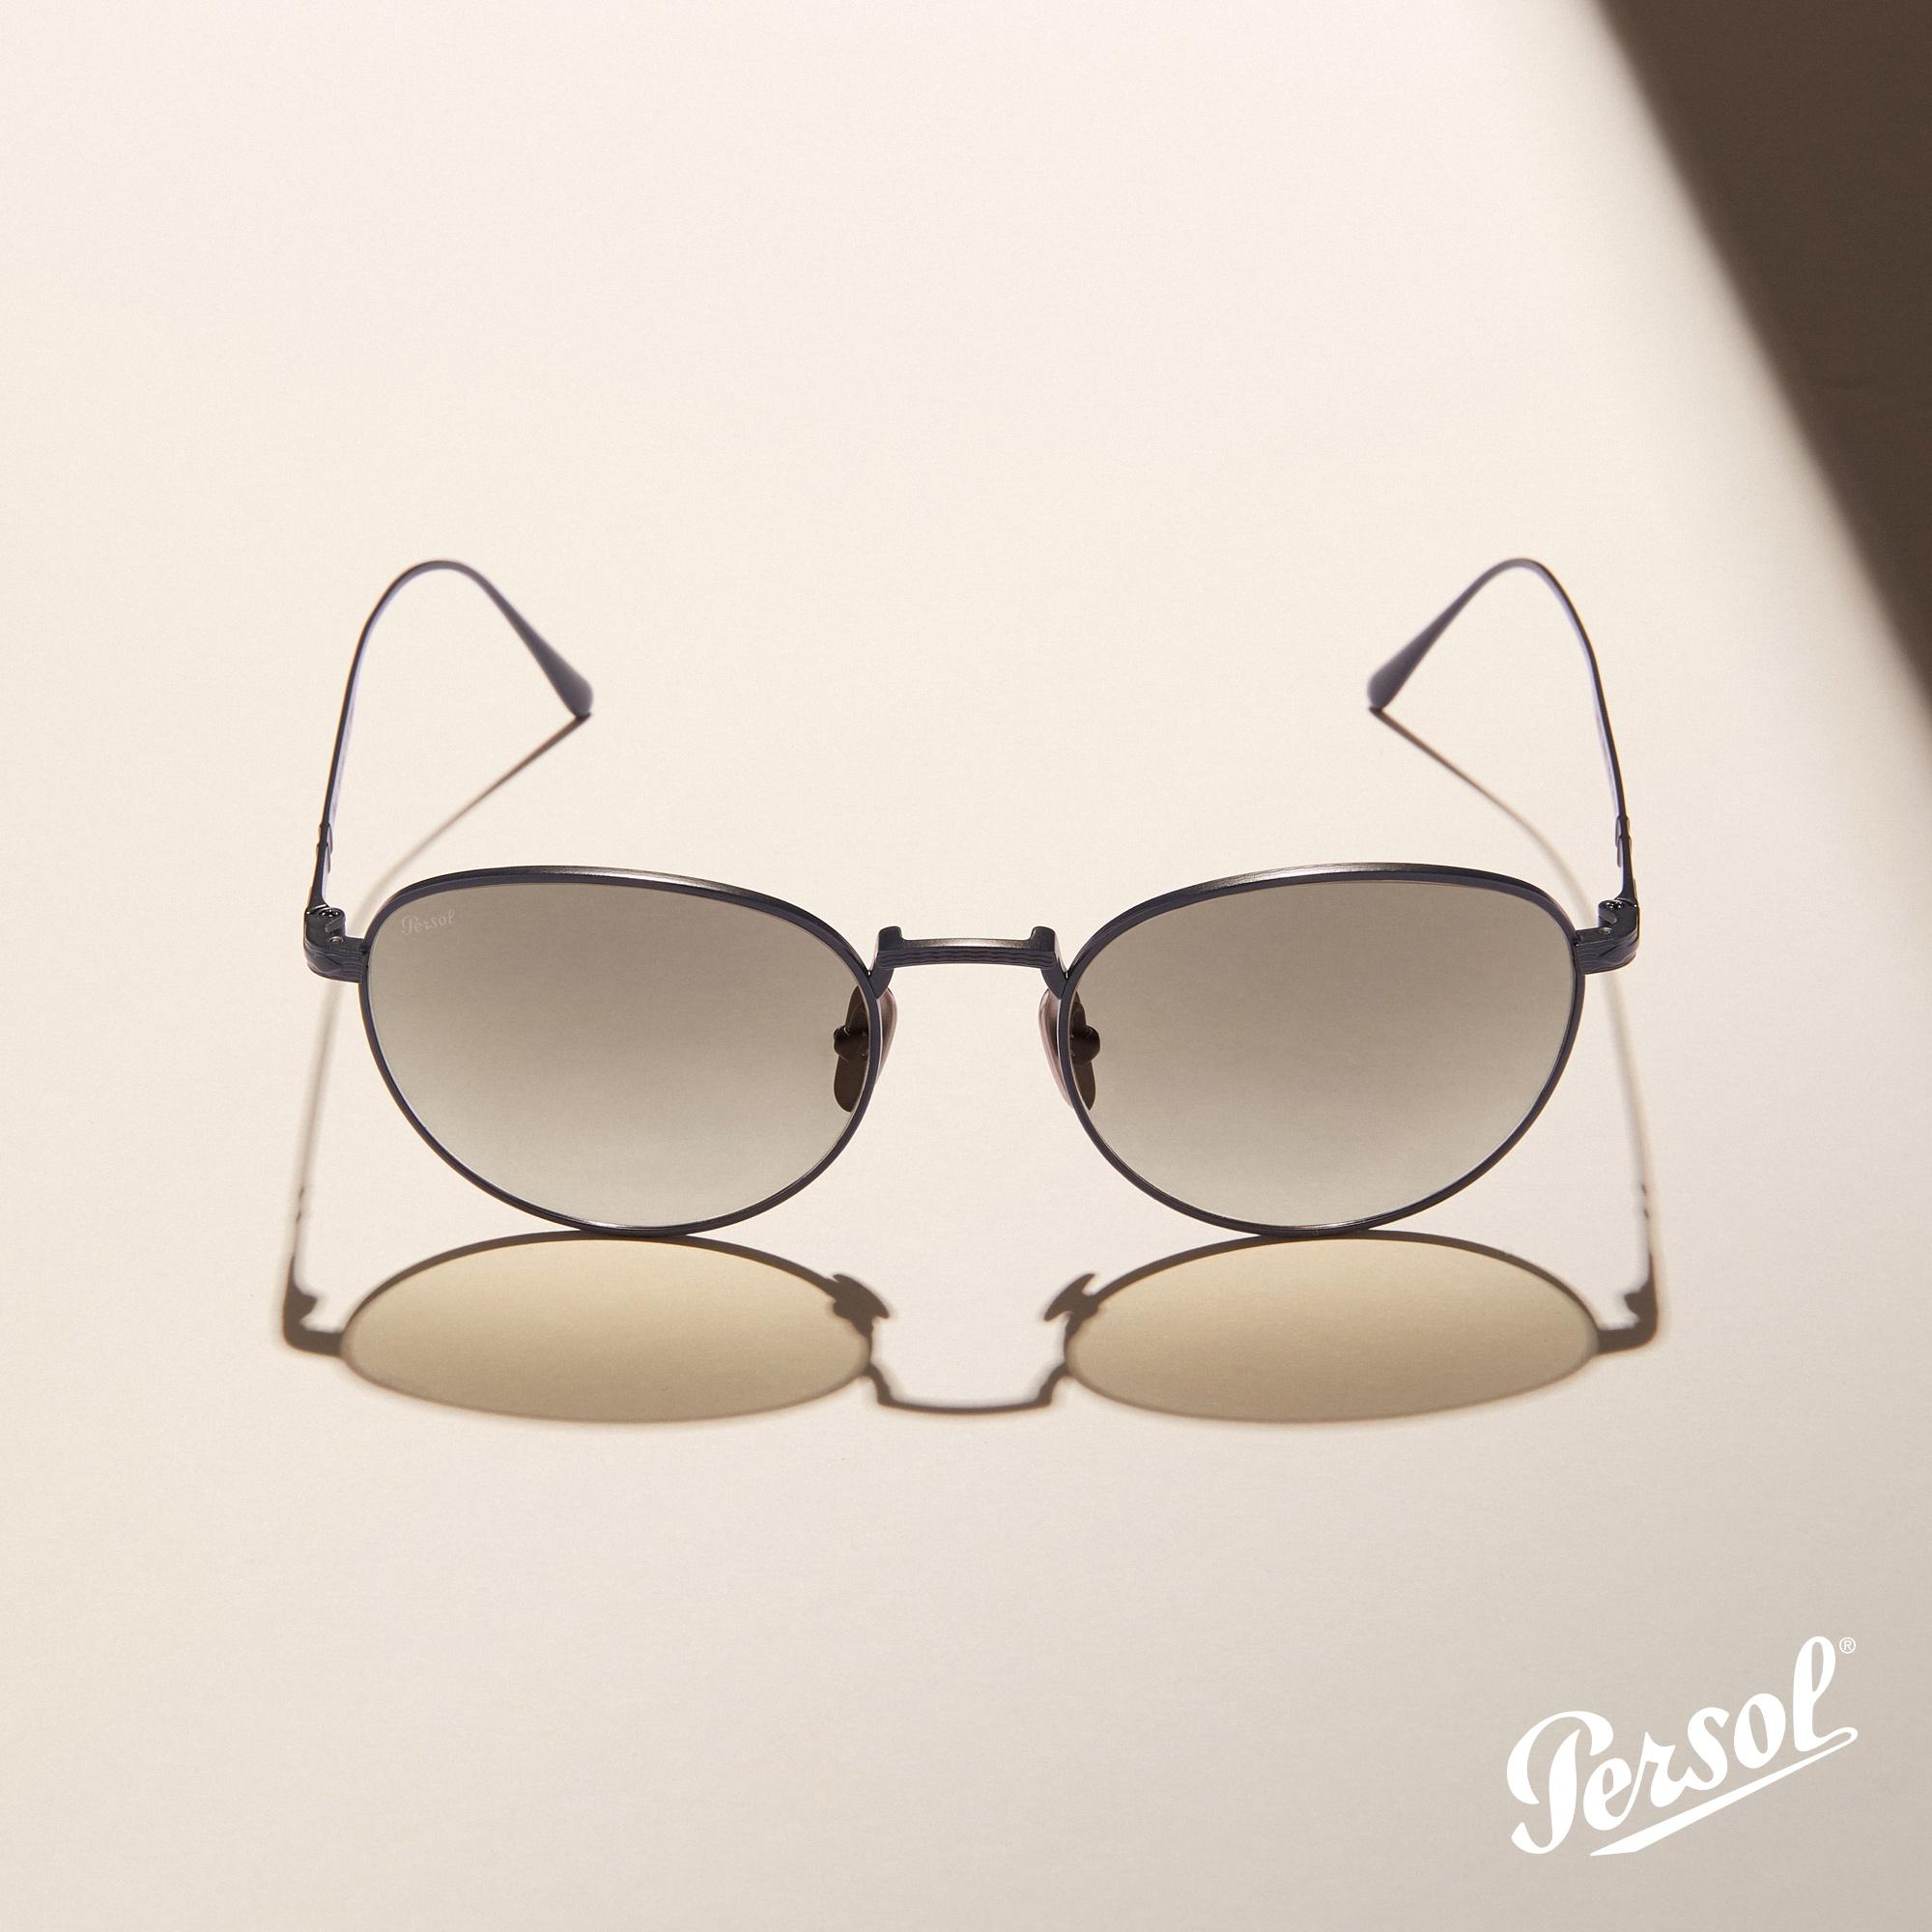 Persol - óculo de Sol - Pitosga Óptica